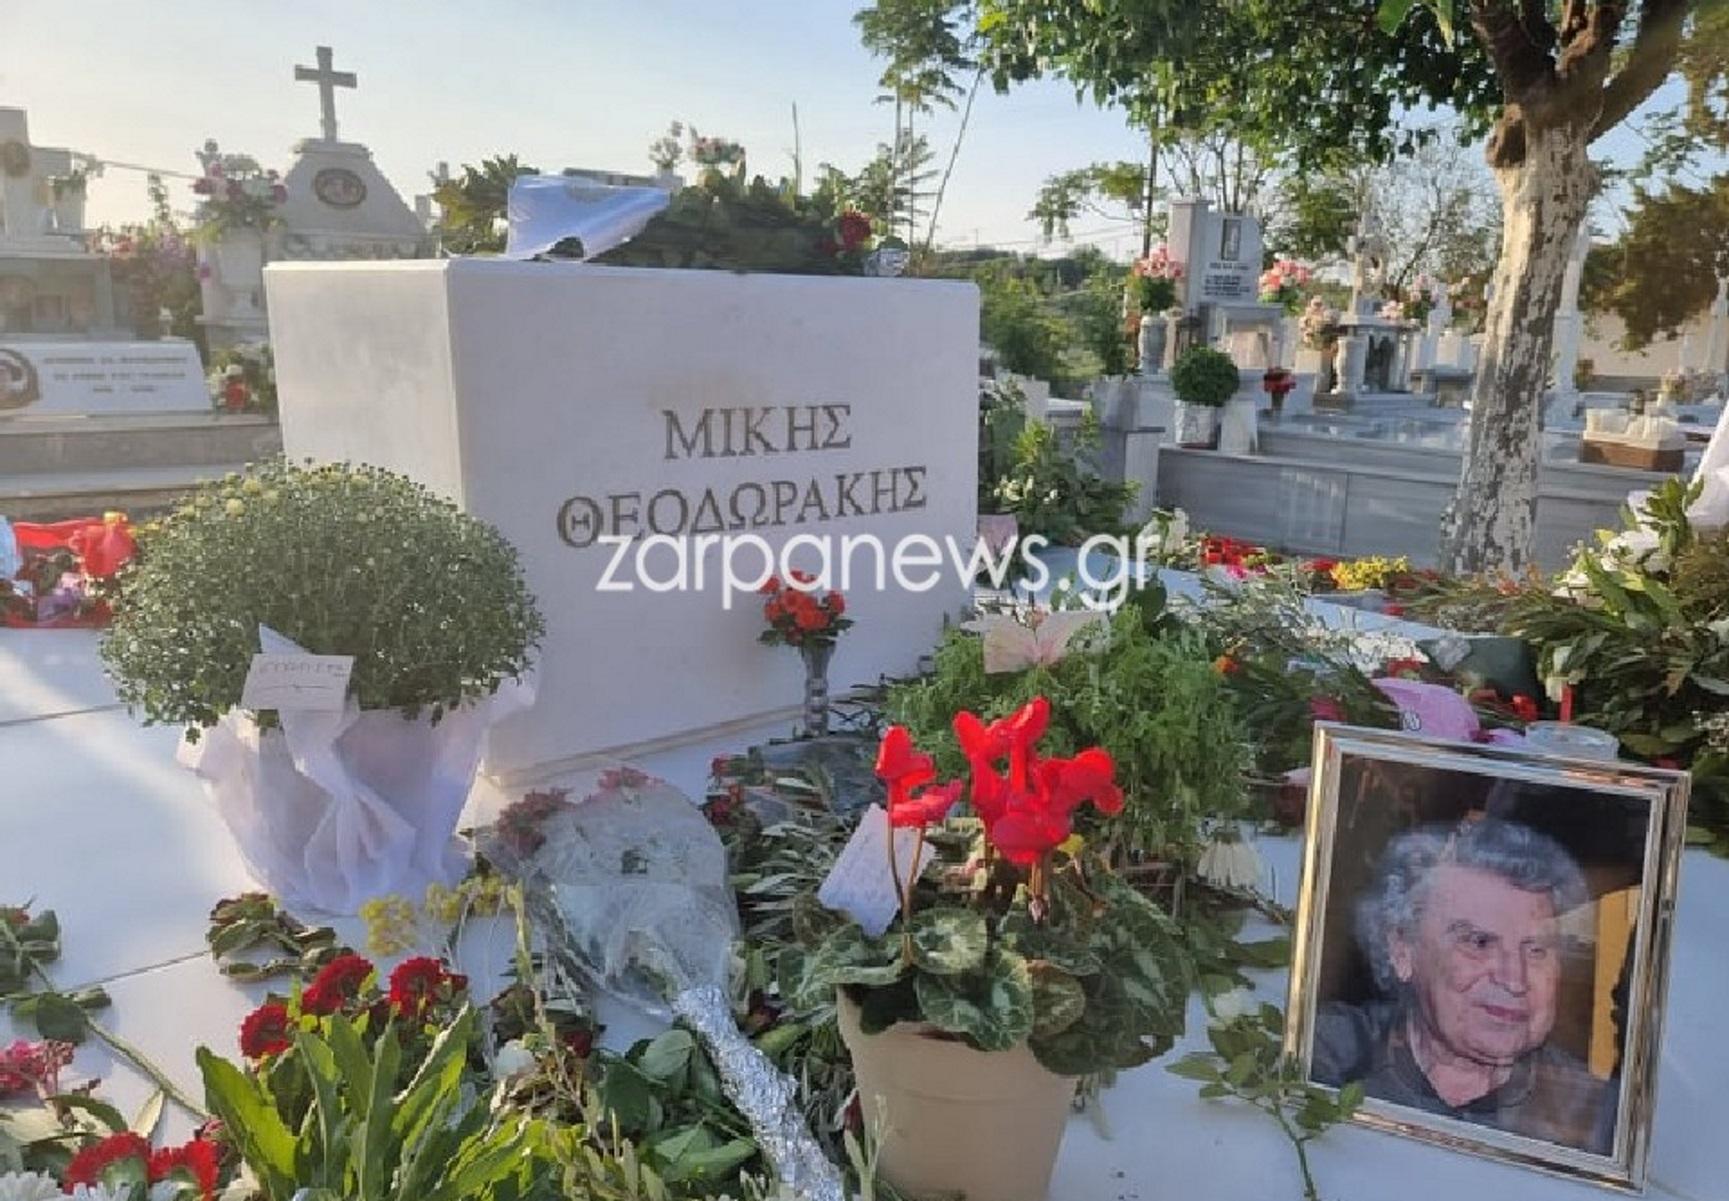 Μίκης Θεοδωράκης: Εννιαήμερο μνημόσυνο με  λουλούδια και μηνύματα – «Αντίο ανυπέρβλητε Έλληνα»